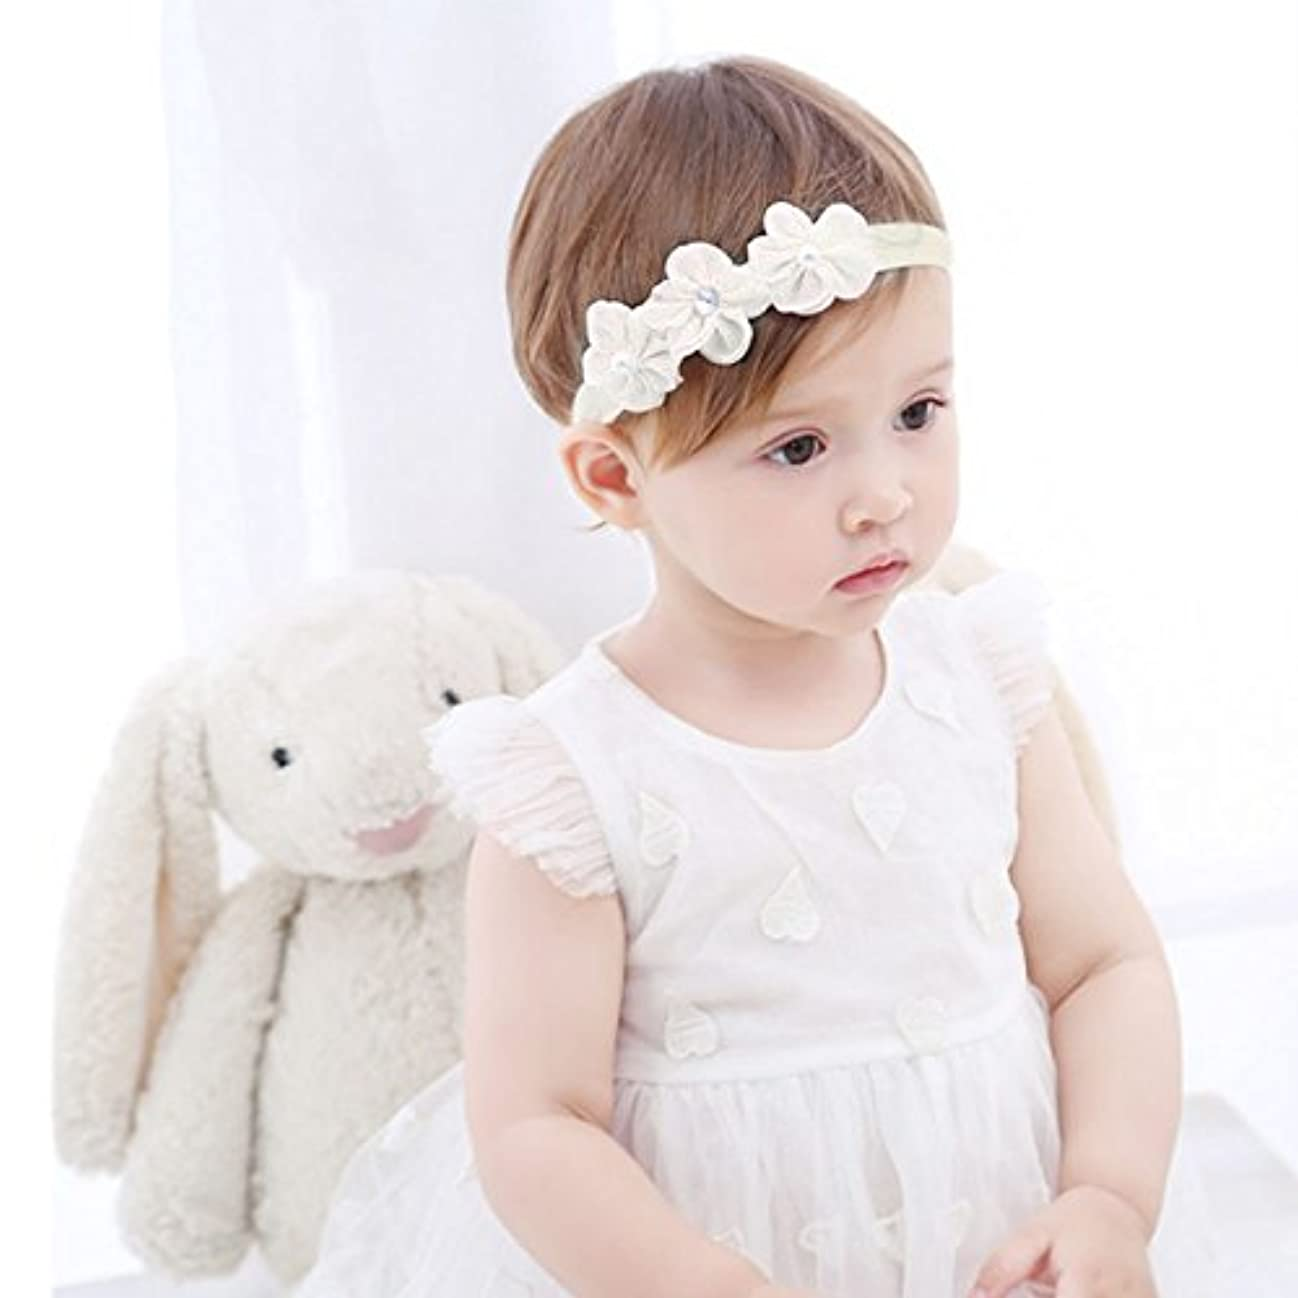 花束午後添付Refaxi 子供の赤ちゃんかわいい幼児のレースの花のヘアバンドヘッドウェアヘッドバンドアクセサリー